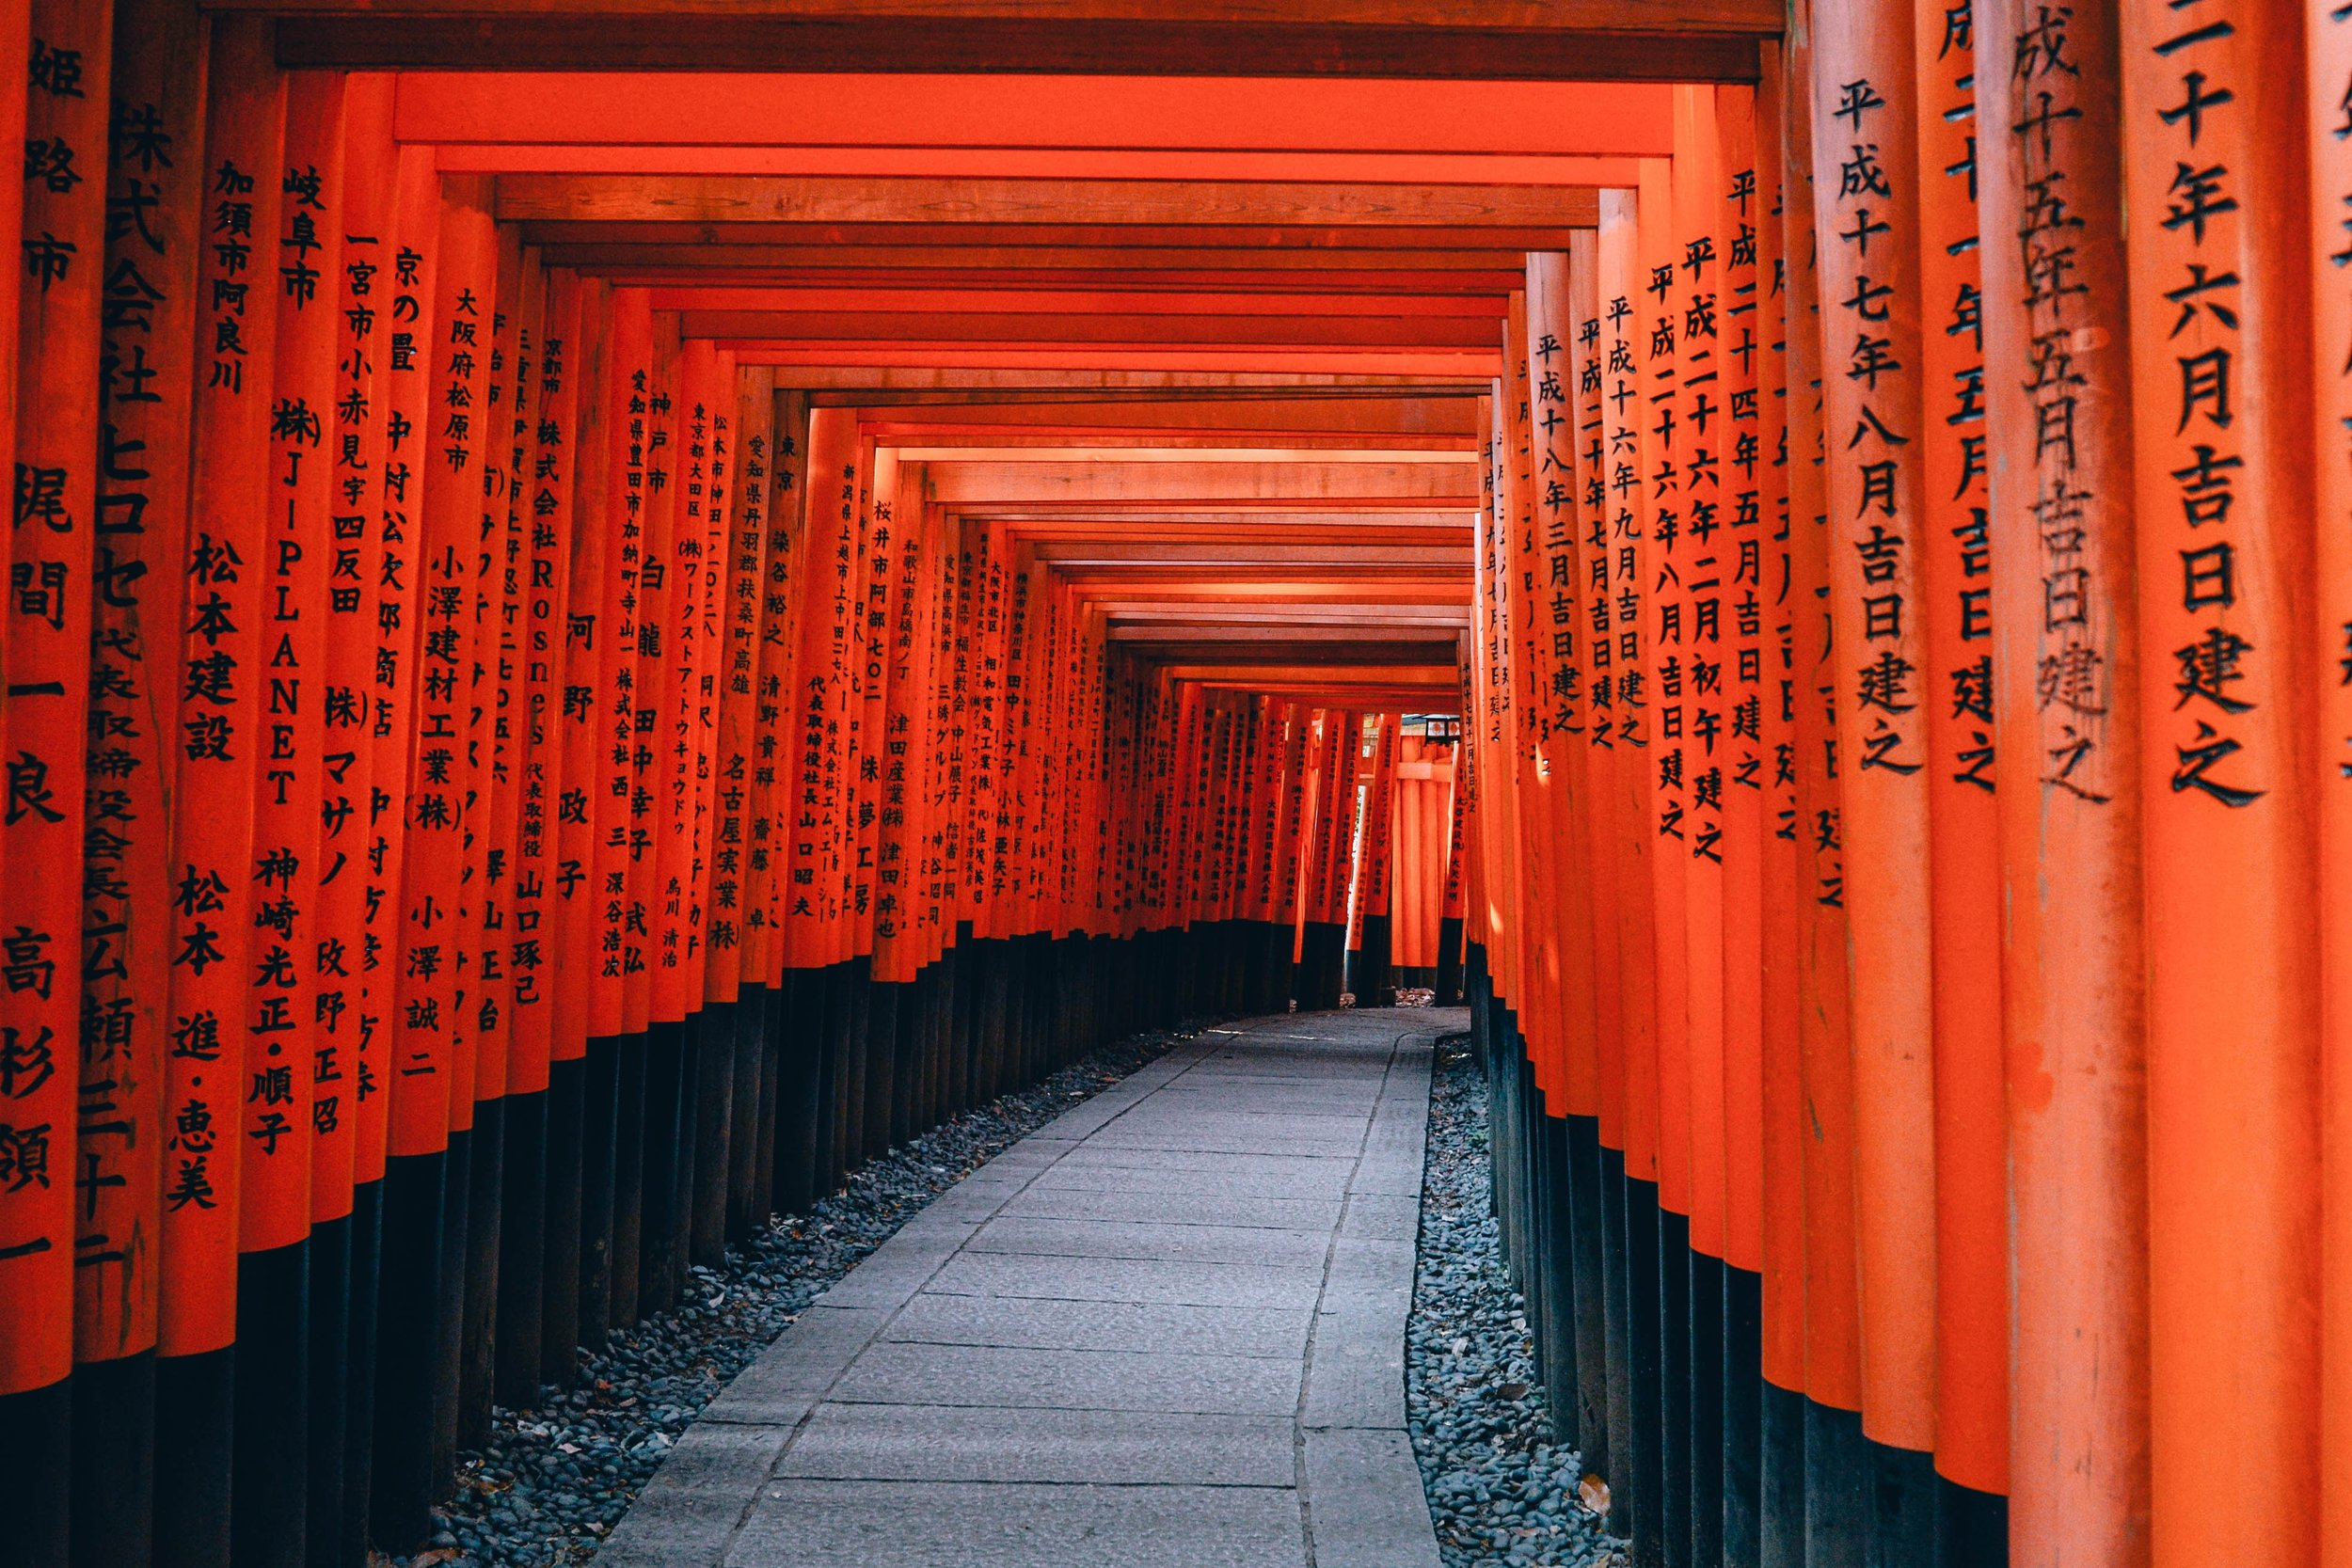 Fushimi inari Trail, Kyoto, Japan